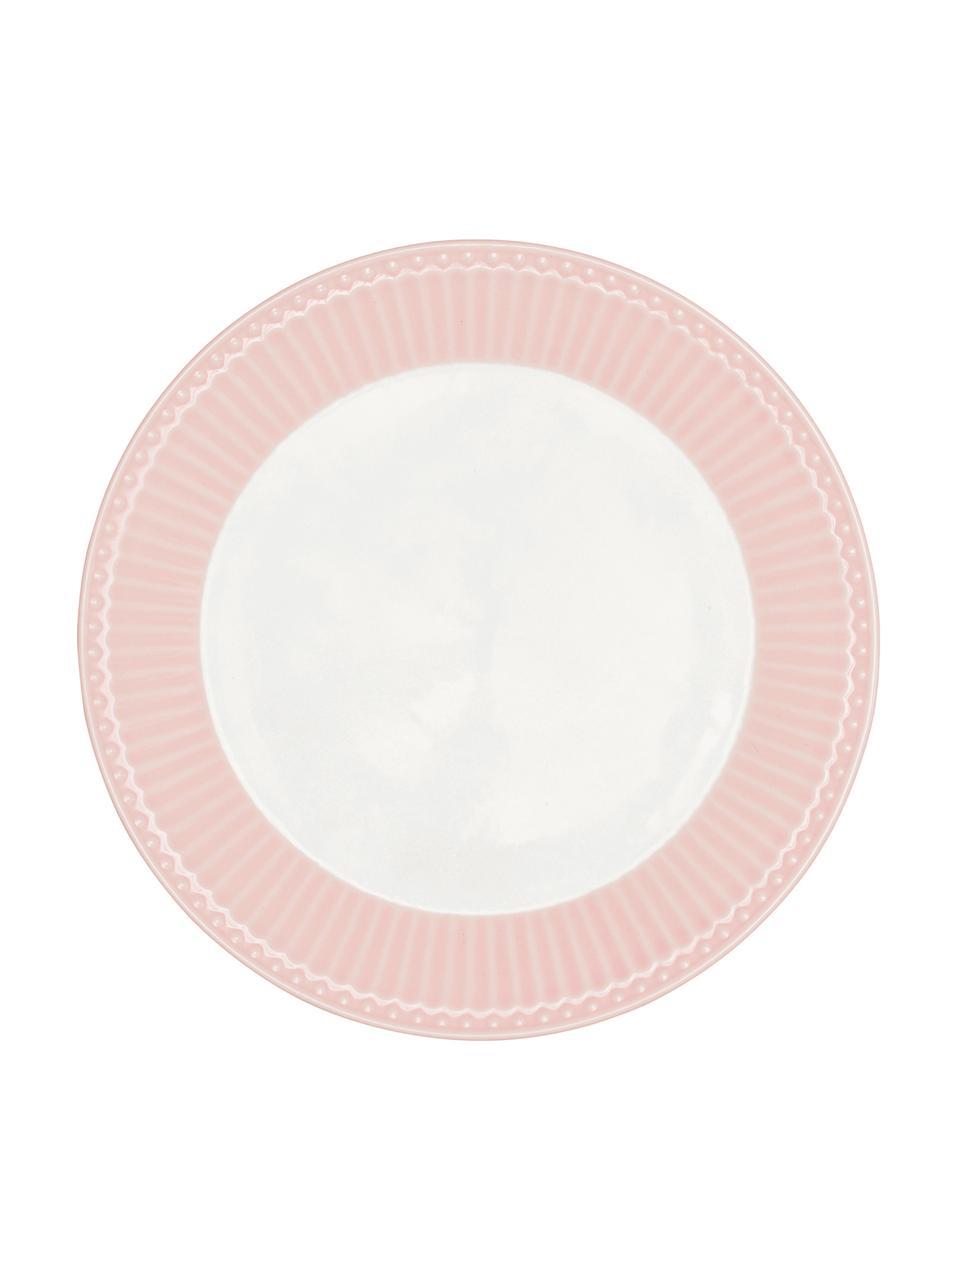 Ručně vyrobený  snídaňový talíř Alice, 2 ks, Růžová, bílá